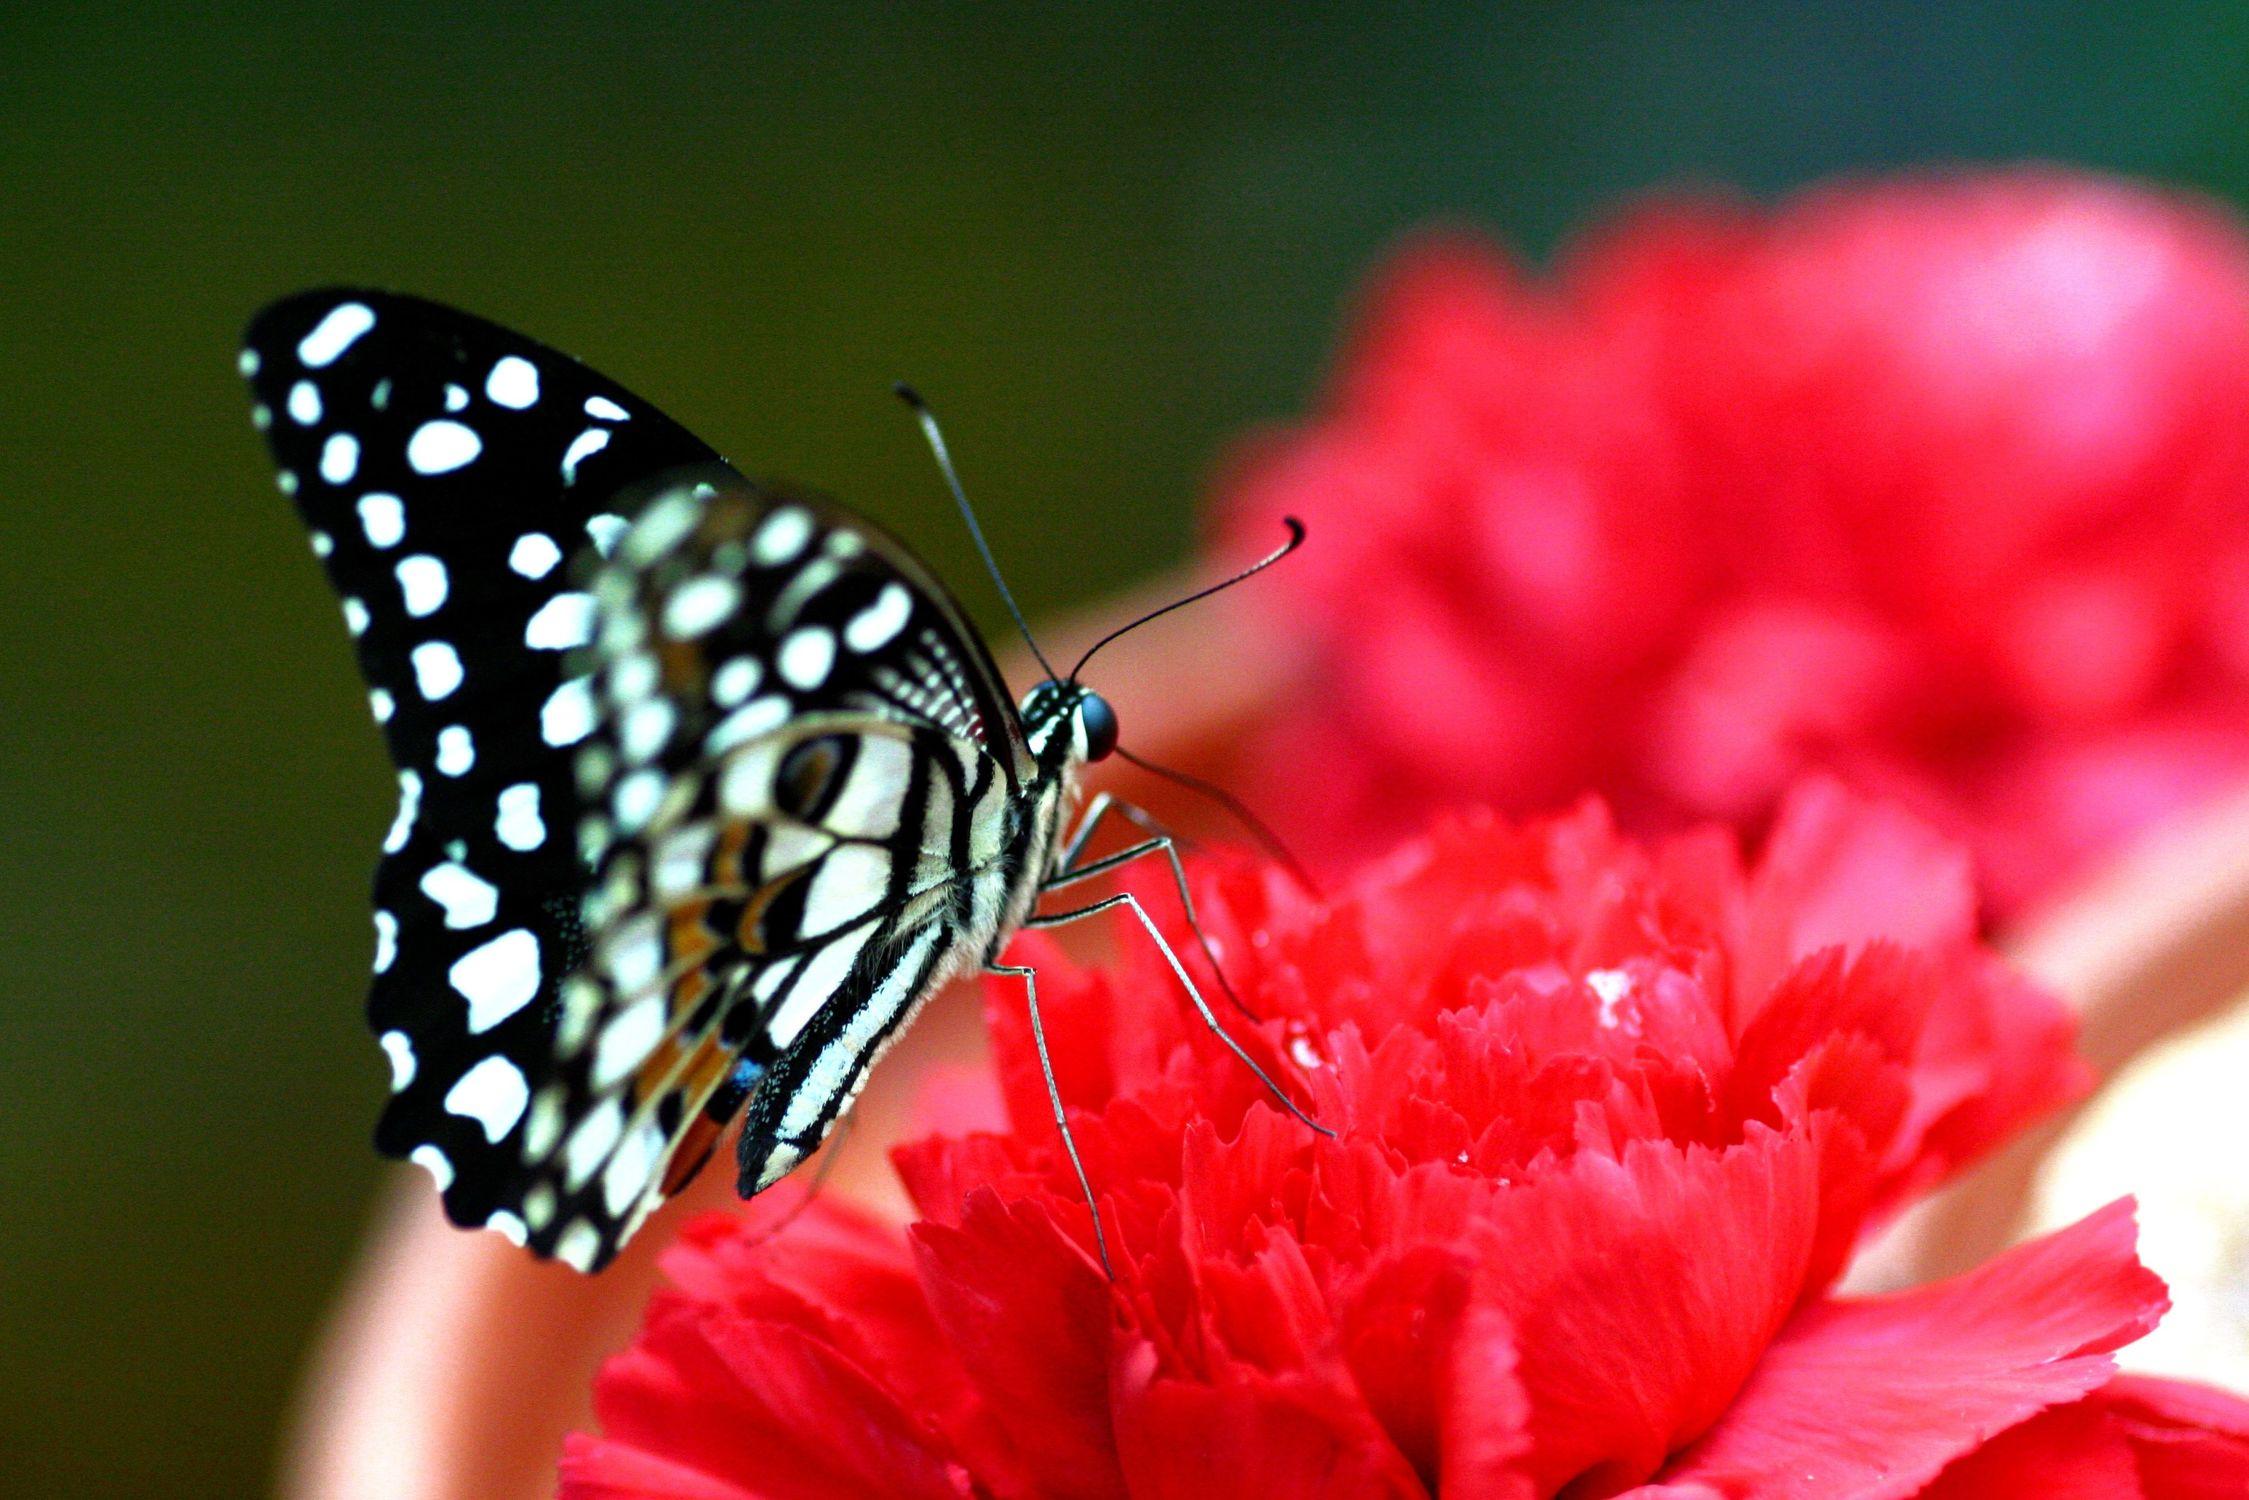 Bild mit Tiere, Natur, Pflanzen, Blumen, Insekten, Schmetterlinge, Monarchfalter, Tier, Schmetterling